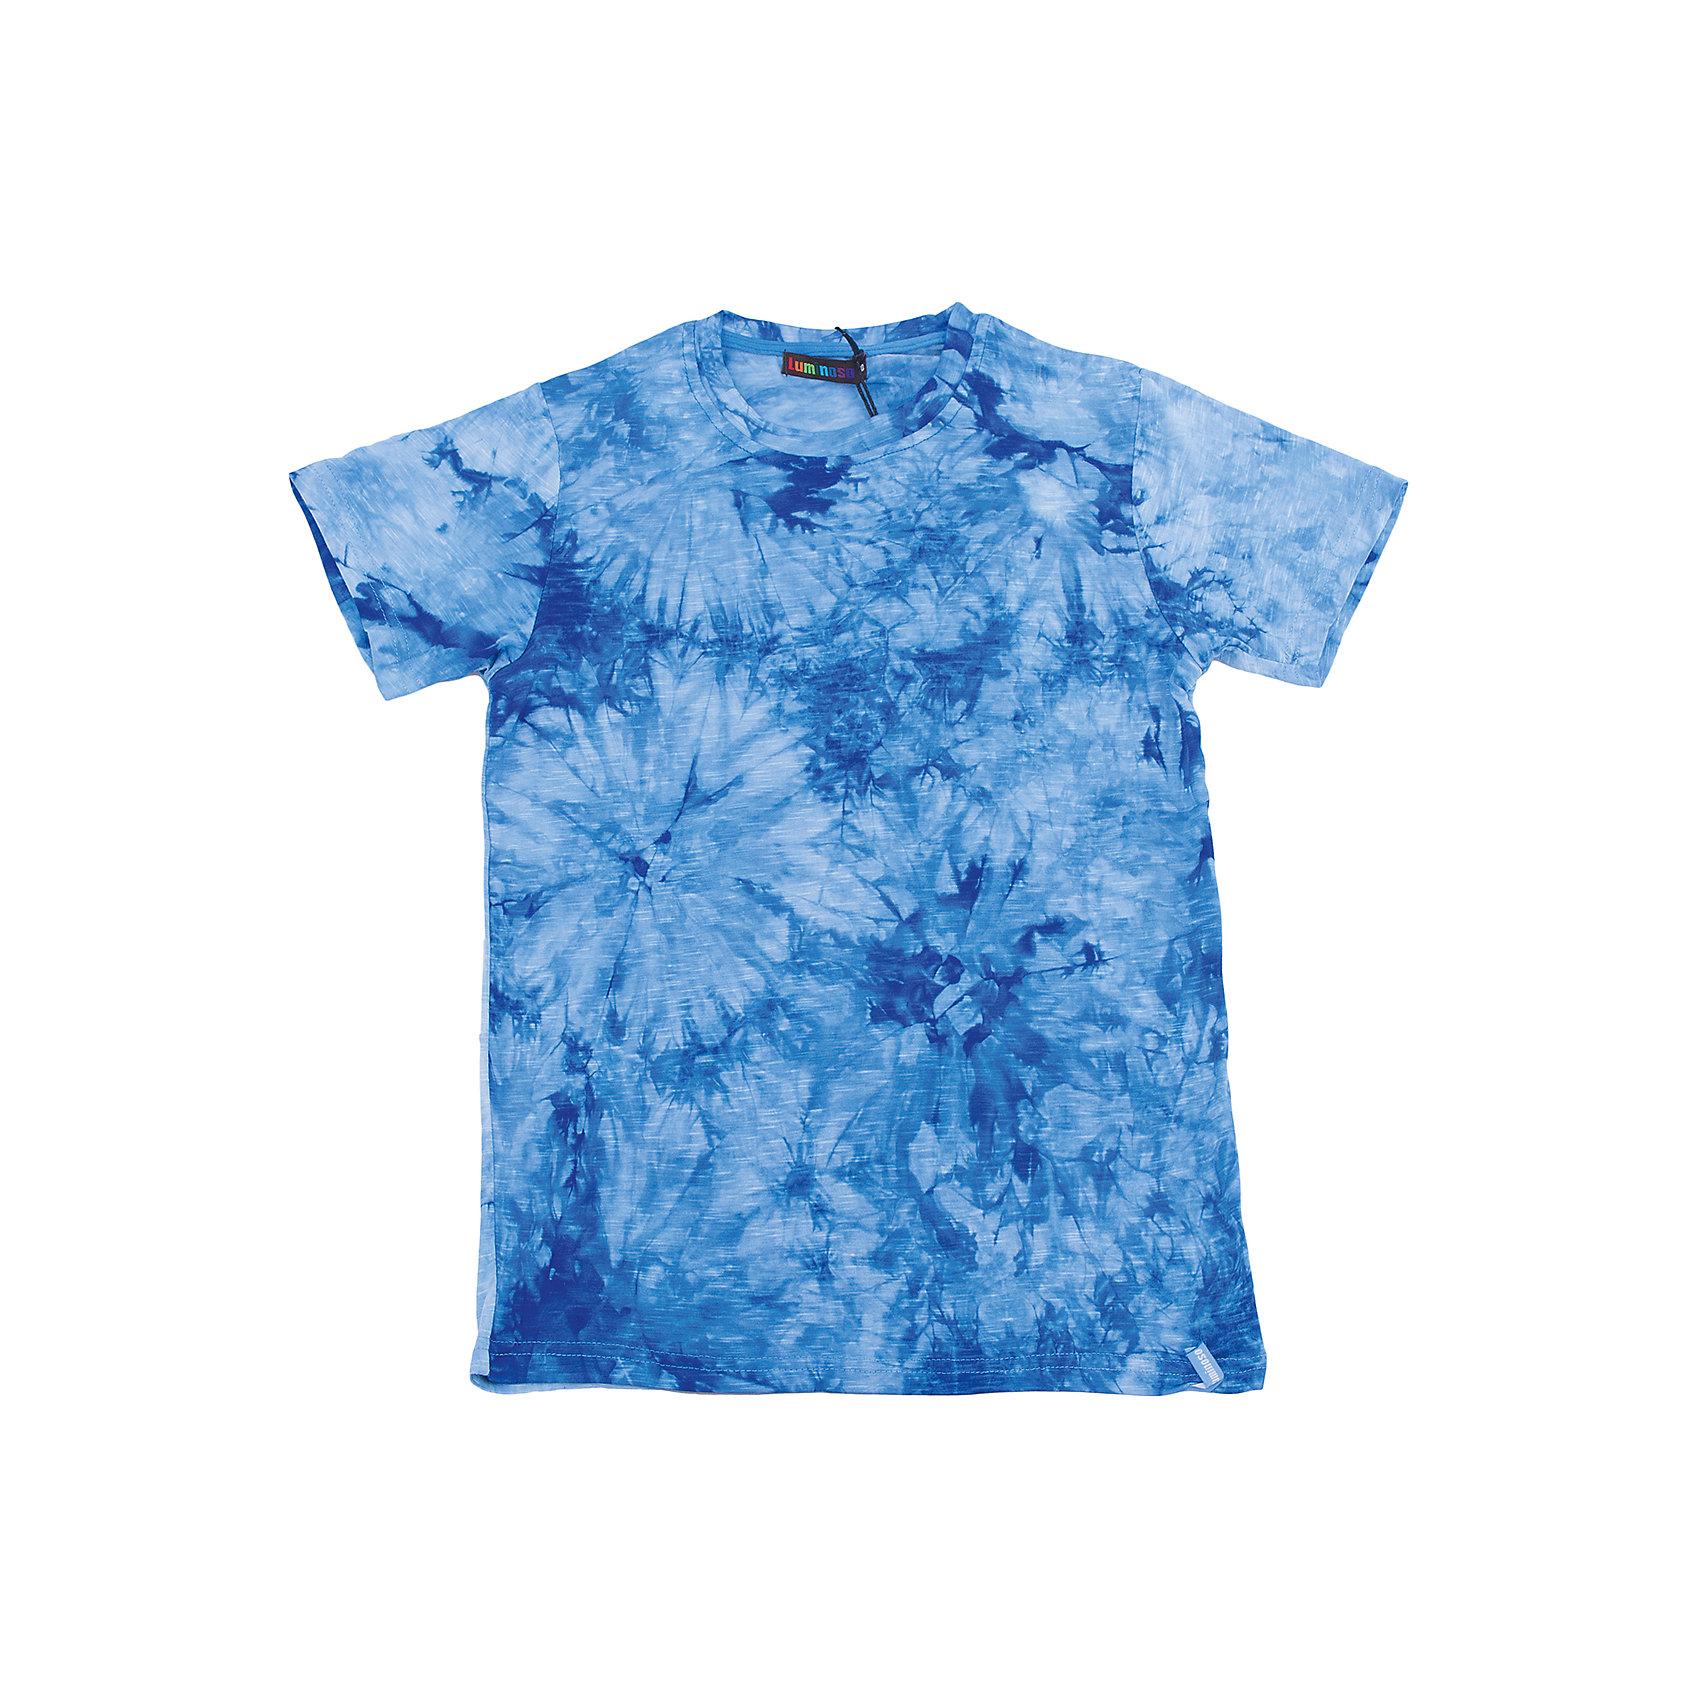 Футболка для мальчика LuminosoФутболки, поло и топы<br>Яркая летняя футболка оригинального дизайна для мальчика. Из мягкого, качественного трикотажа.<br>Состав:<br>95% хлопок 5% эластан<br><br>Ширина мм: 199<br>Глубина мм: 10<br>Высота мм: 161<br>Вес г: 151<br>Цвет: синий<br>Возраст от месяцев: 120<br>Возраст до месяцев: 132<br>Пол: Мужской<br>Возраст: Детский<br>Размер: 146,134,140,152,158,164<br>SKU: 5409817